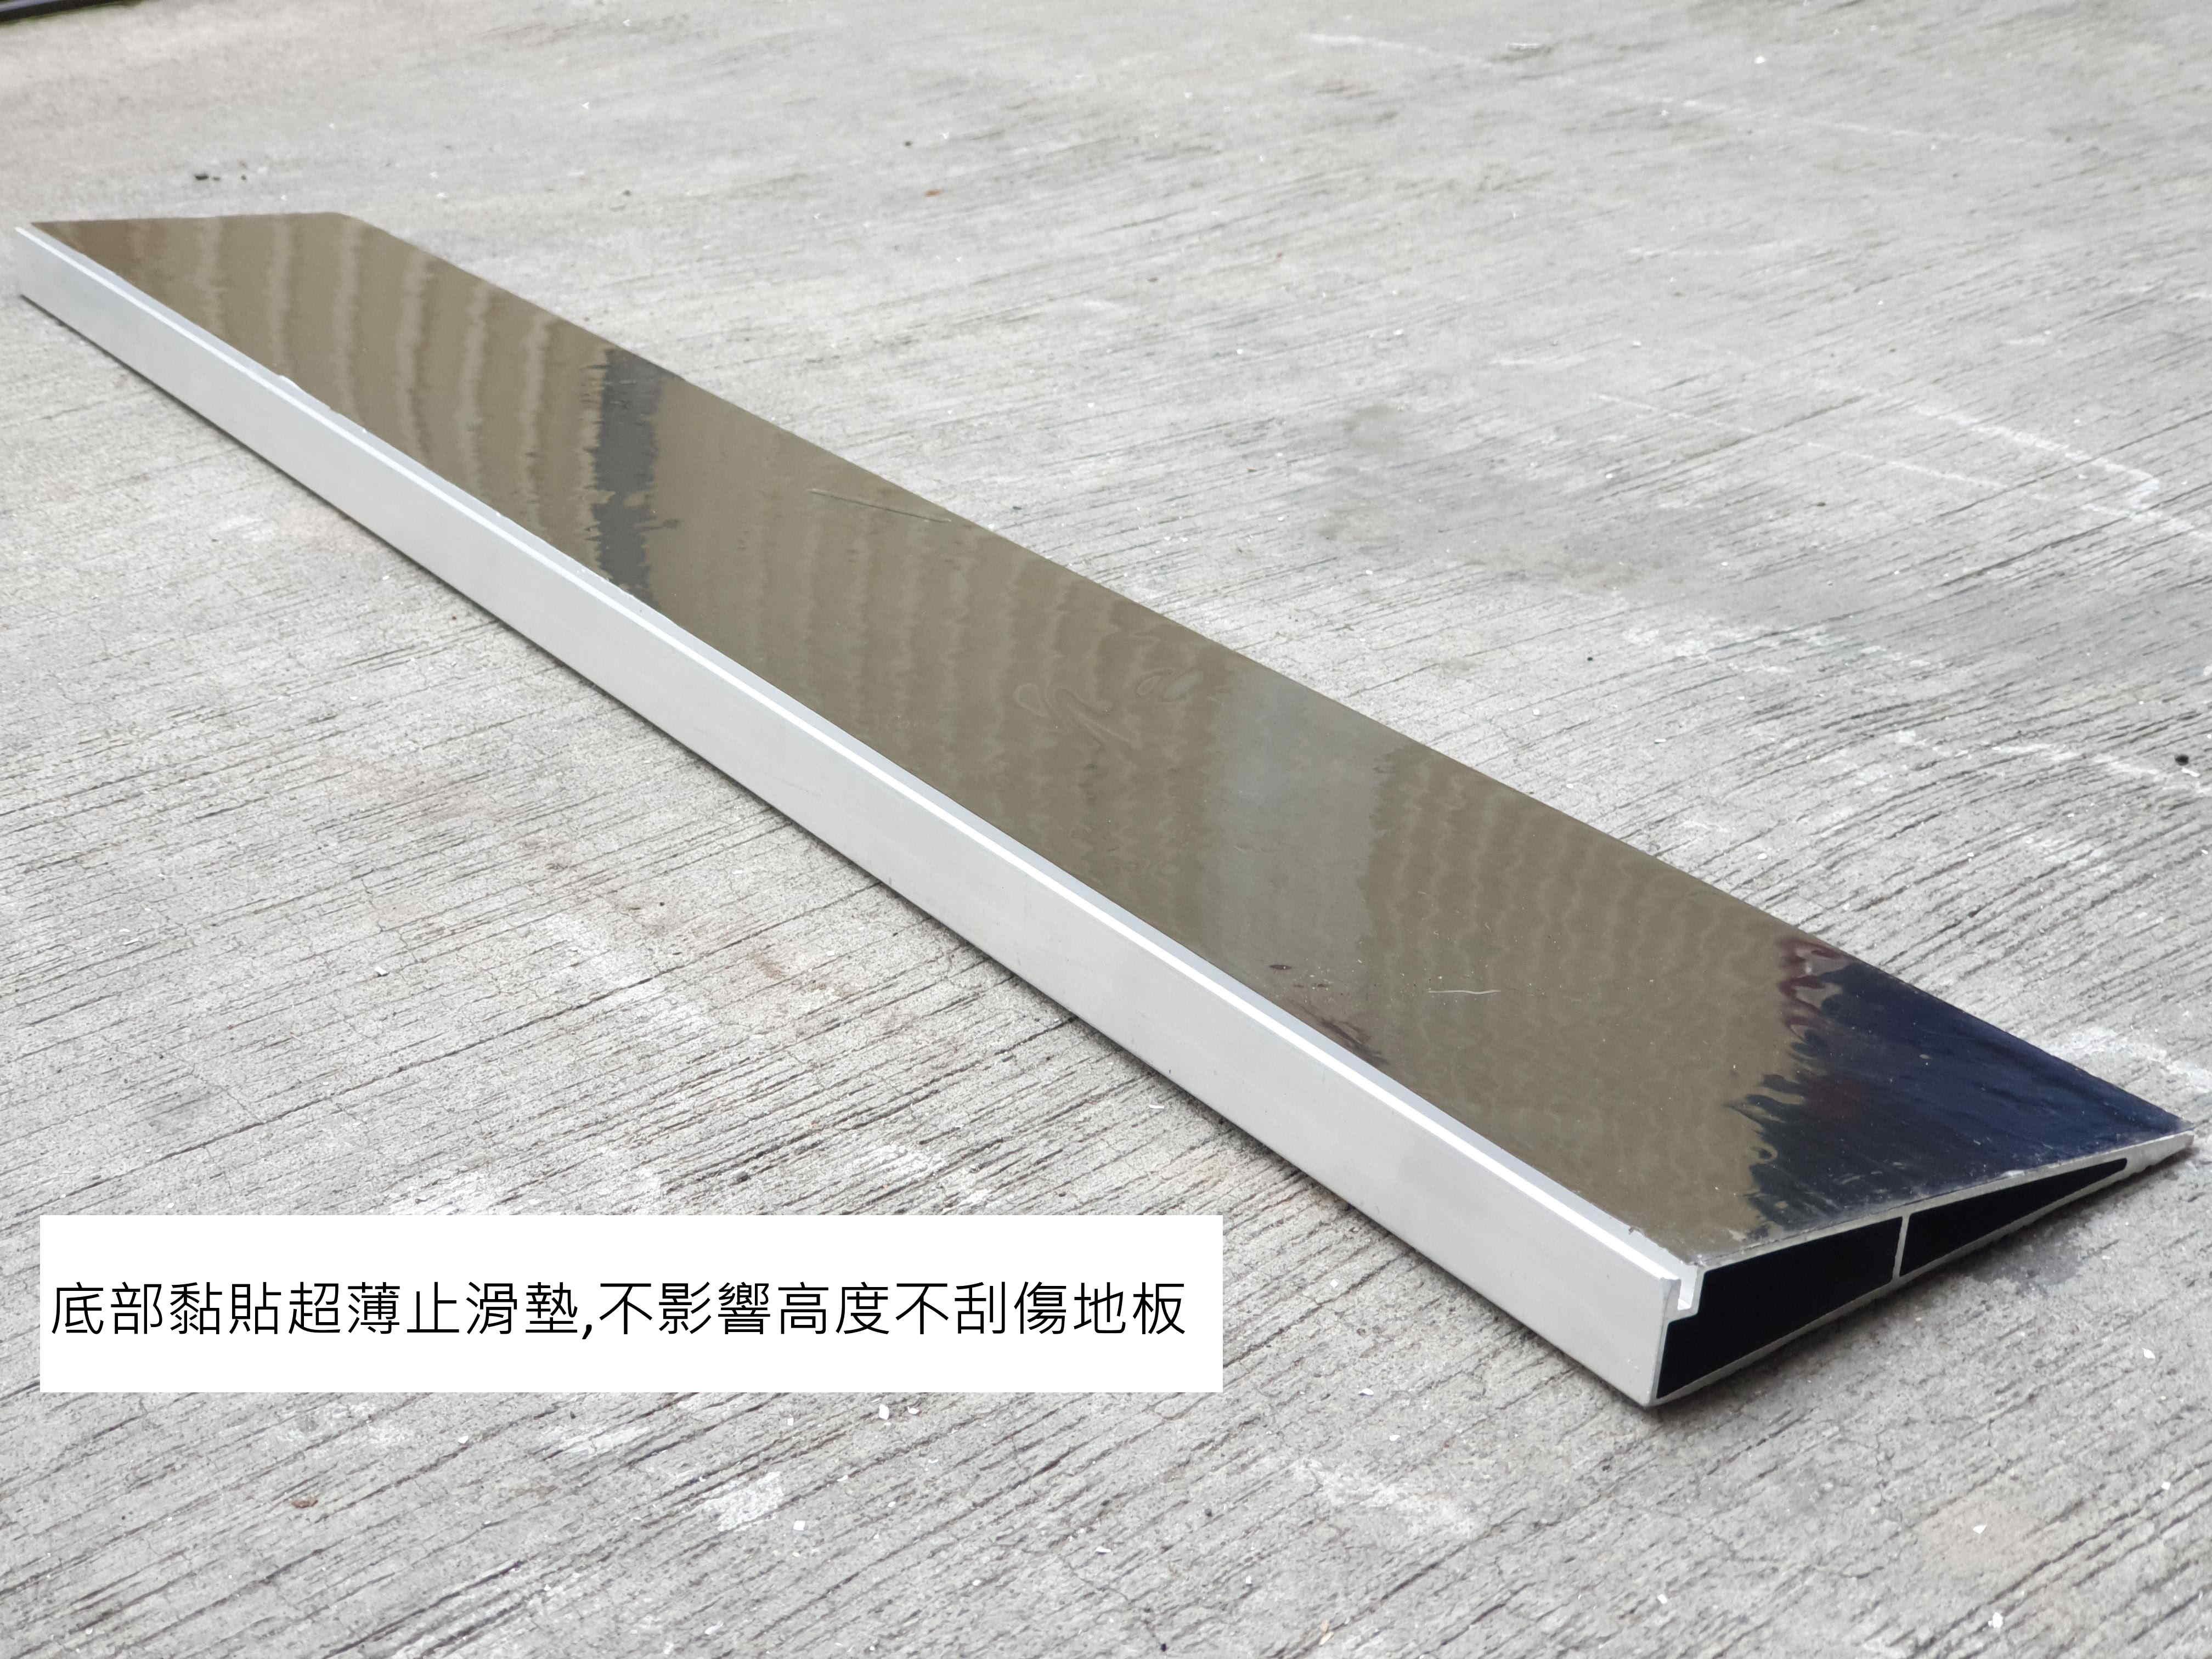 門檻斜坡板組合式底部黏貼止滑墊